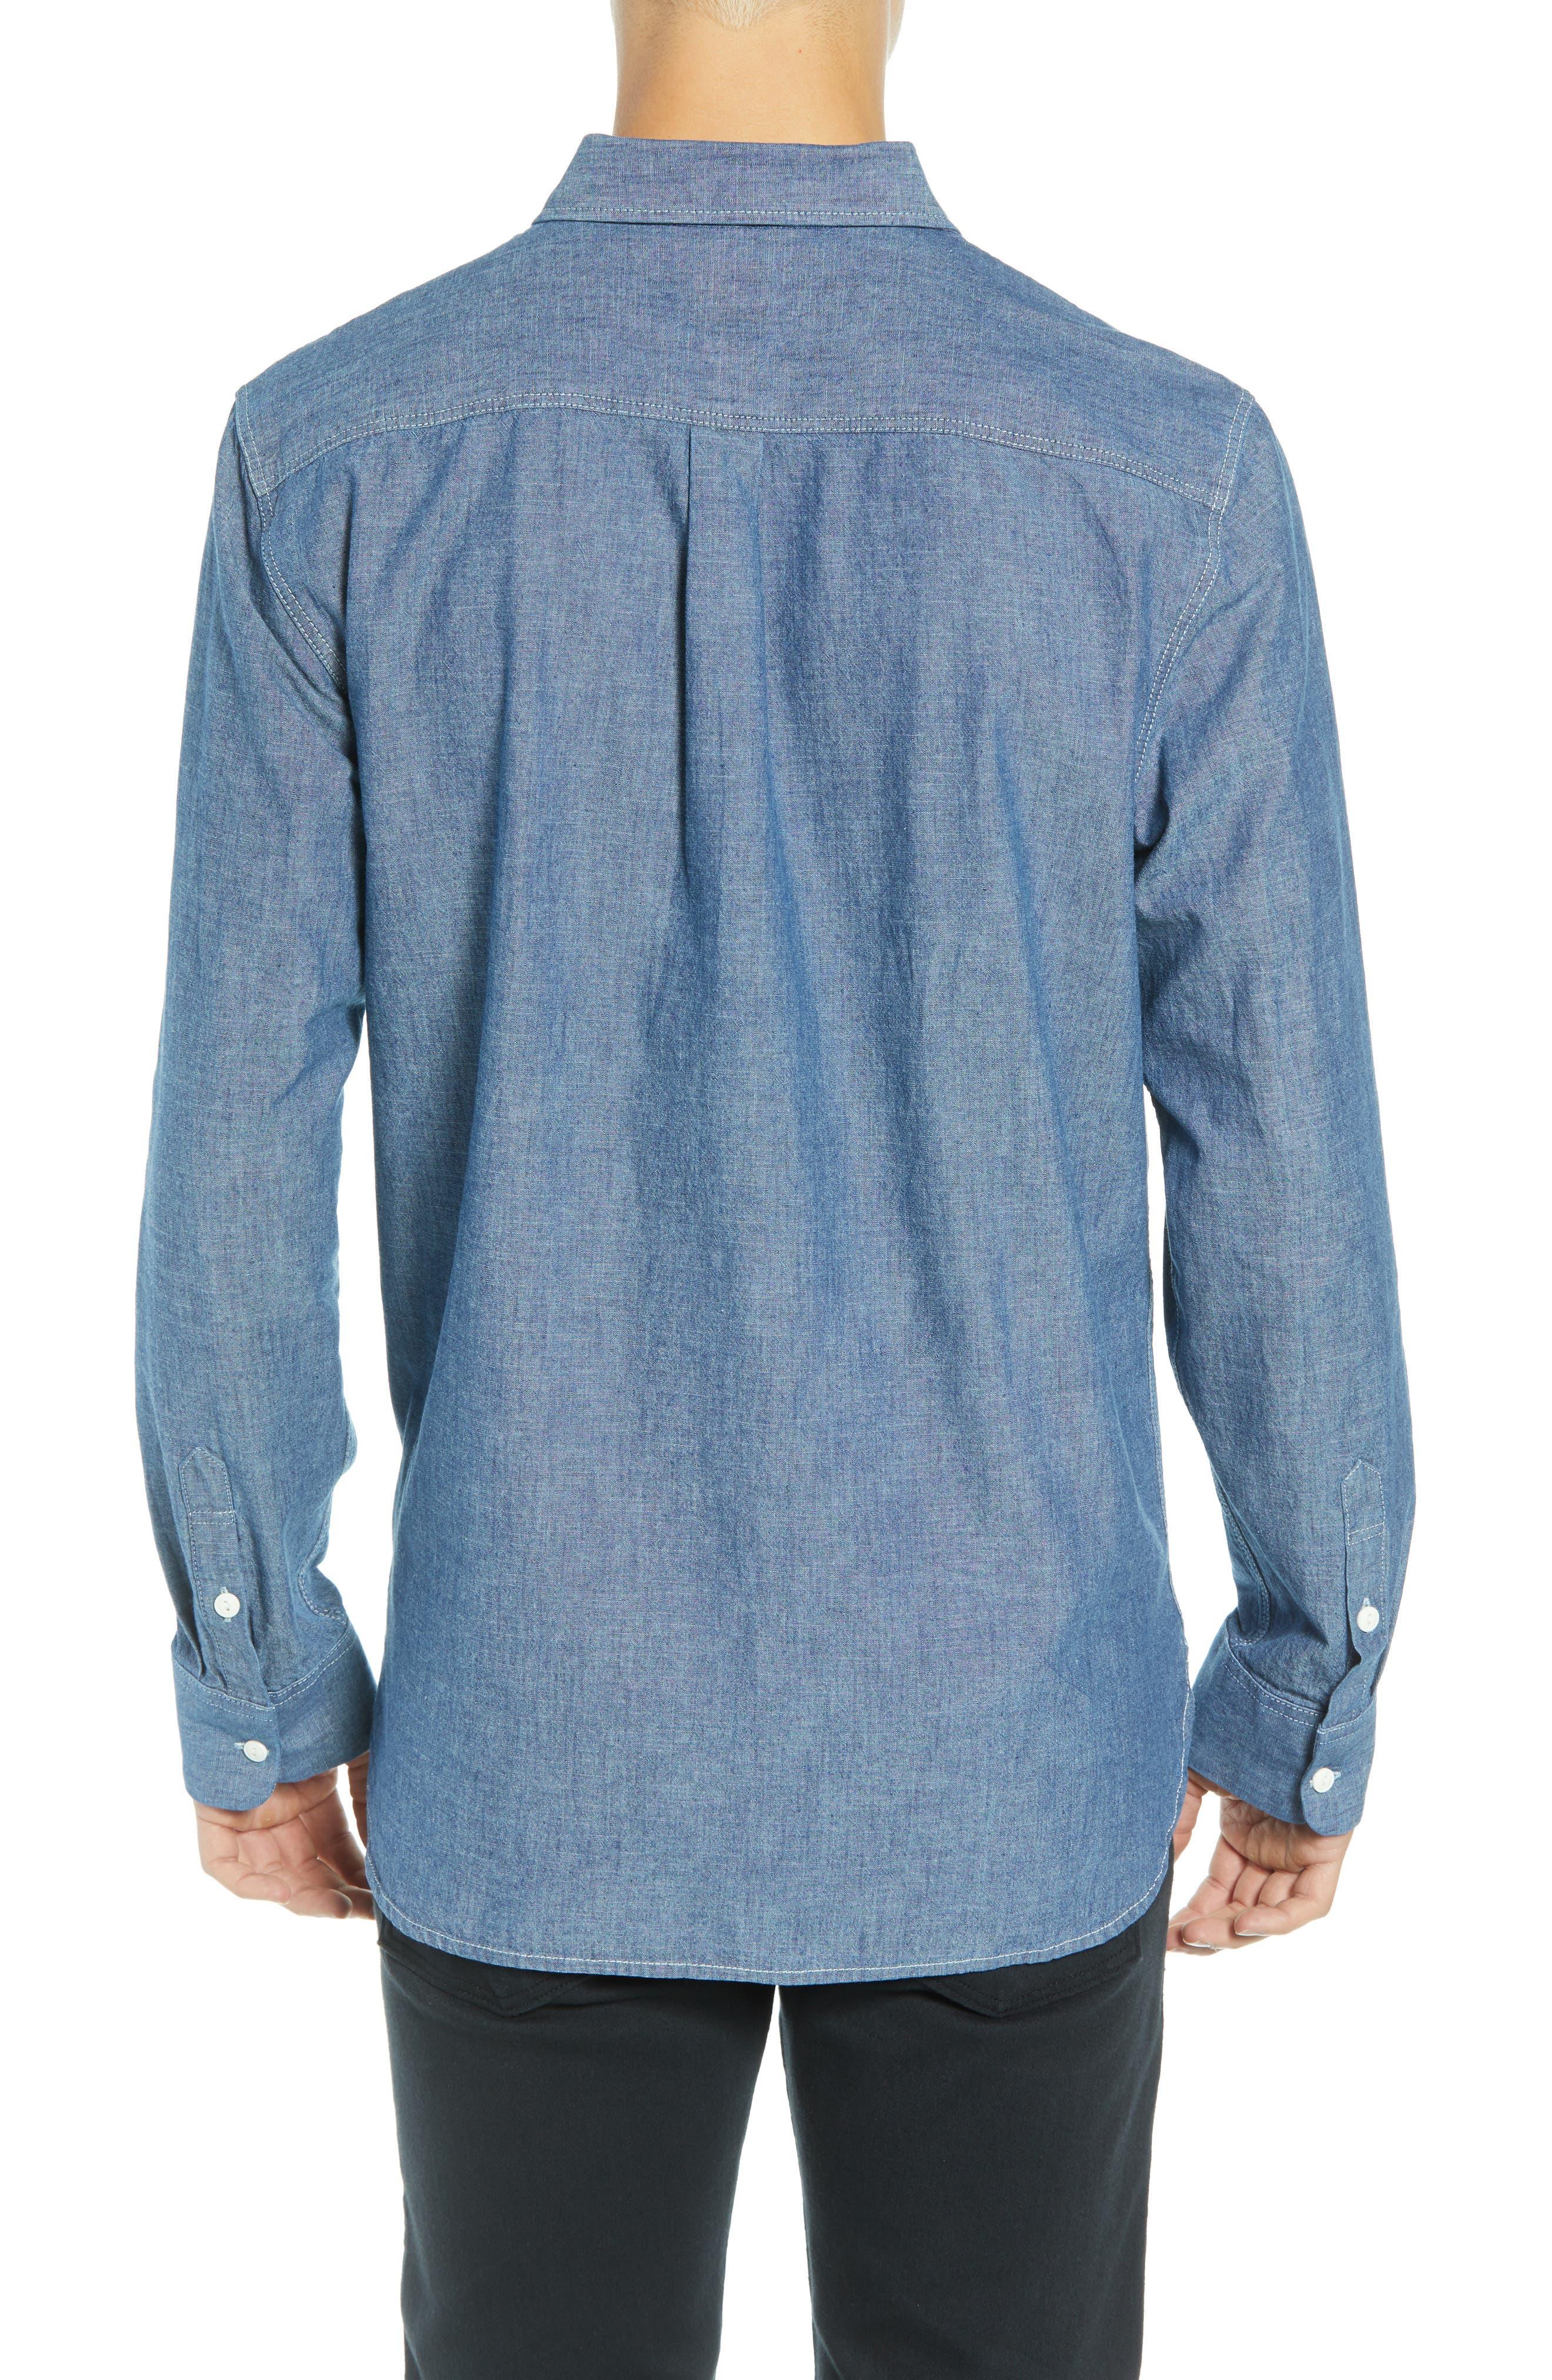 Carlow Chambray Shirt,                             Alternate thumbnail 3, color,                             420